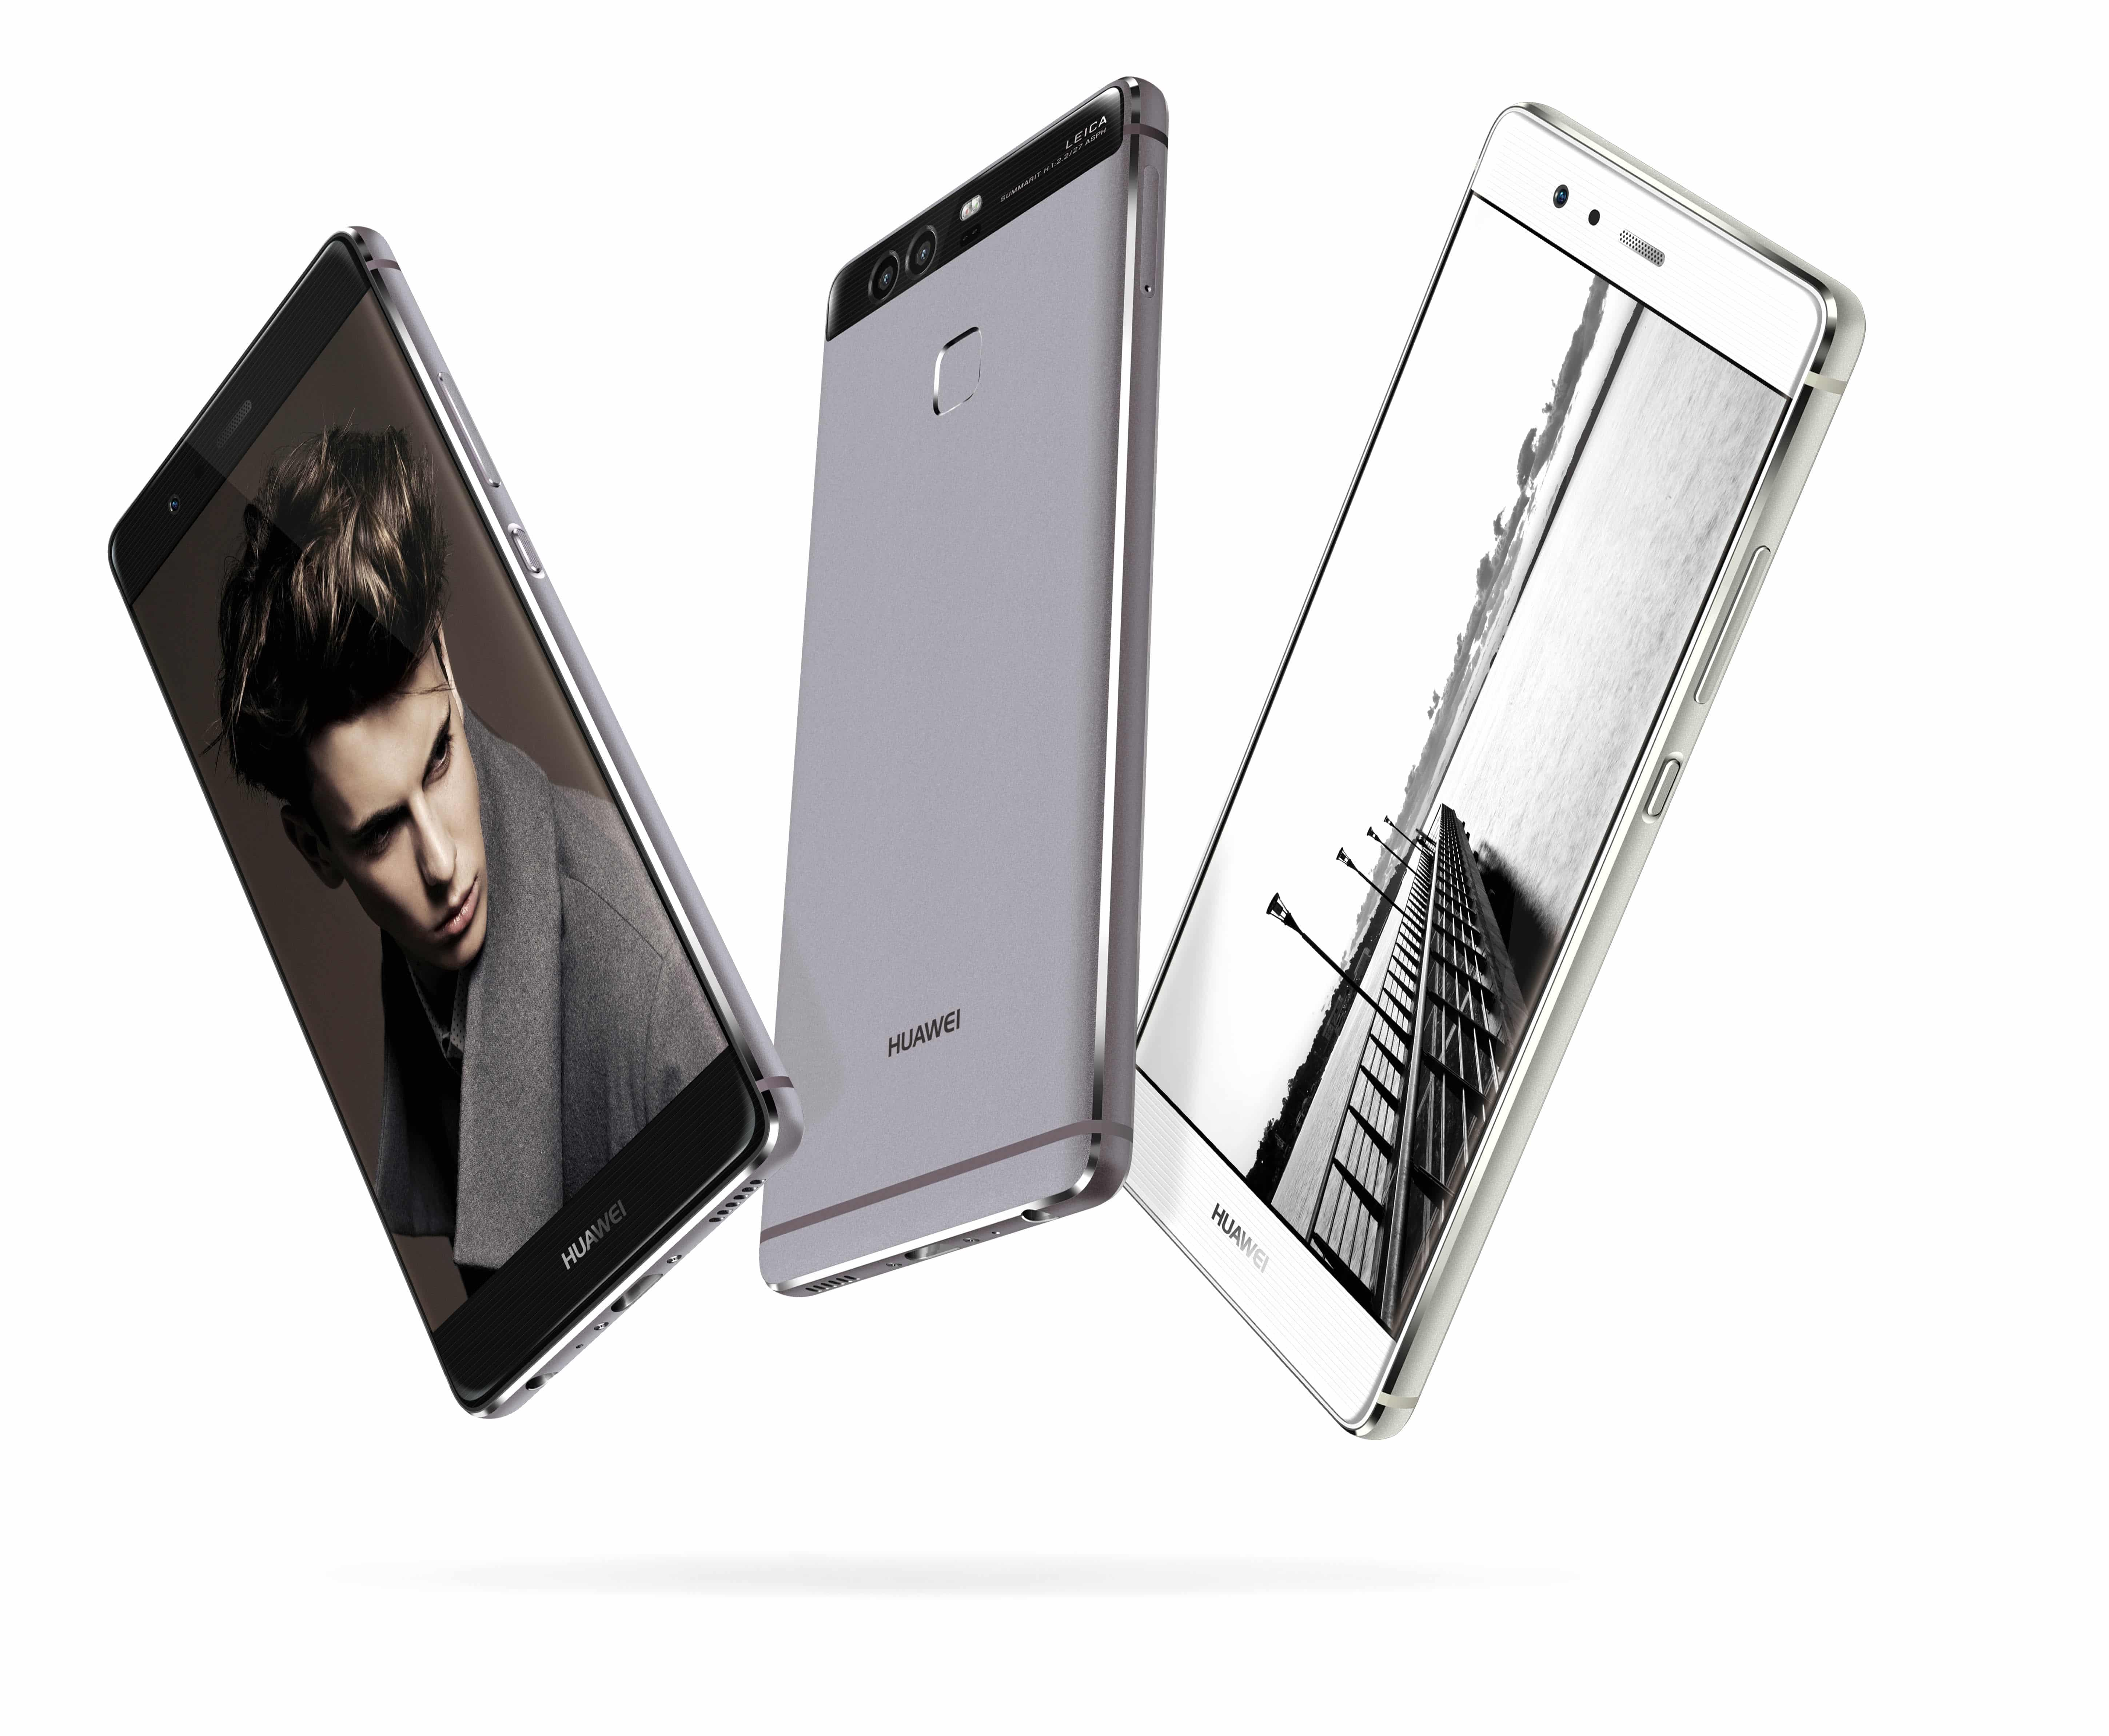 Huawei P9 vorgestellt Huawe P9 vorgestellt